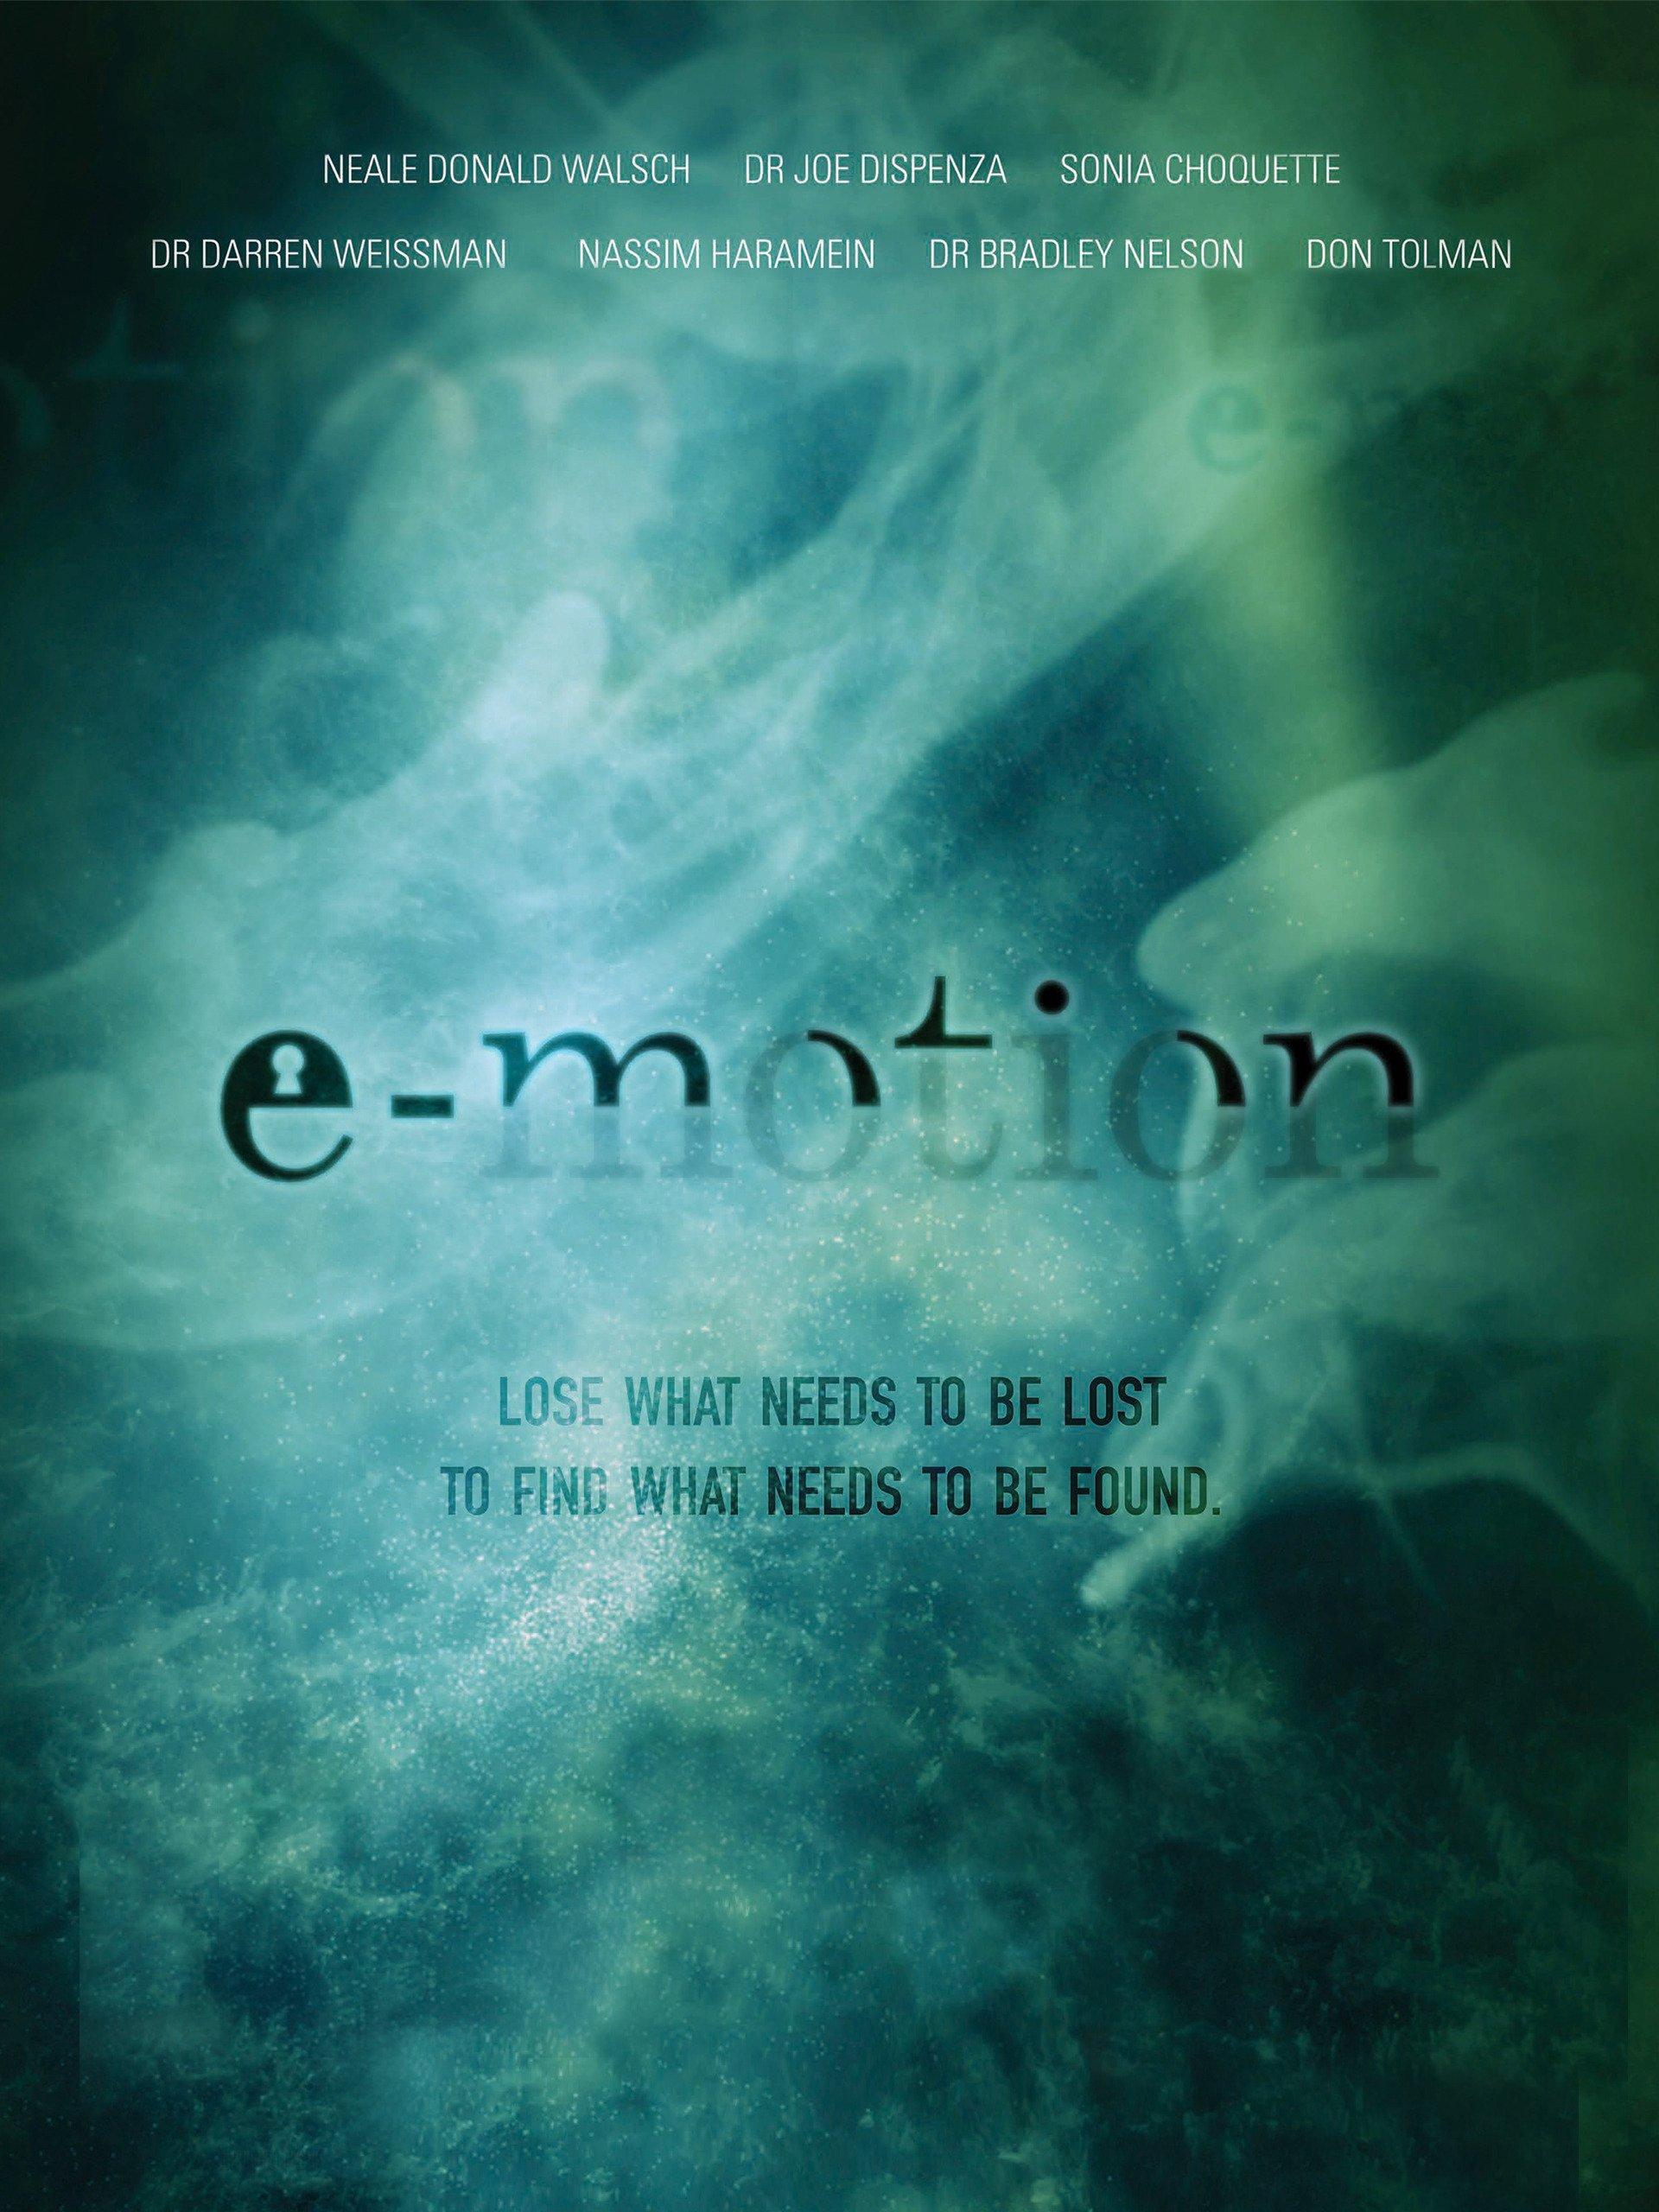 e-motion film deutsch download